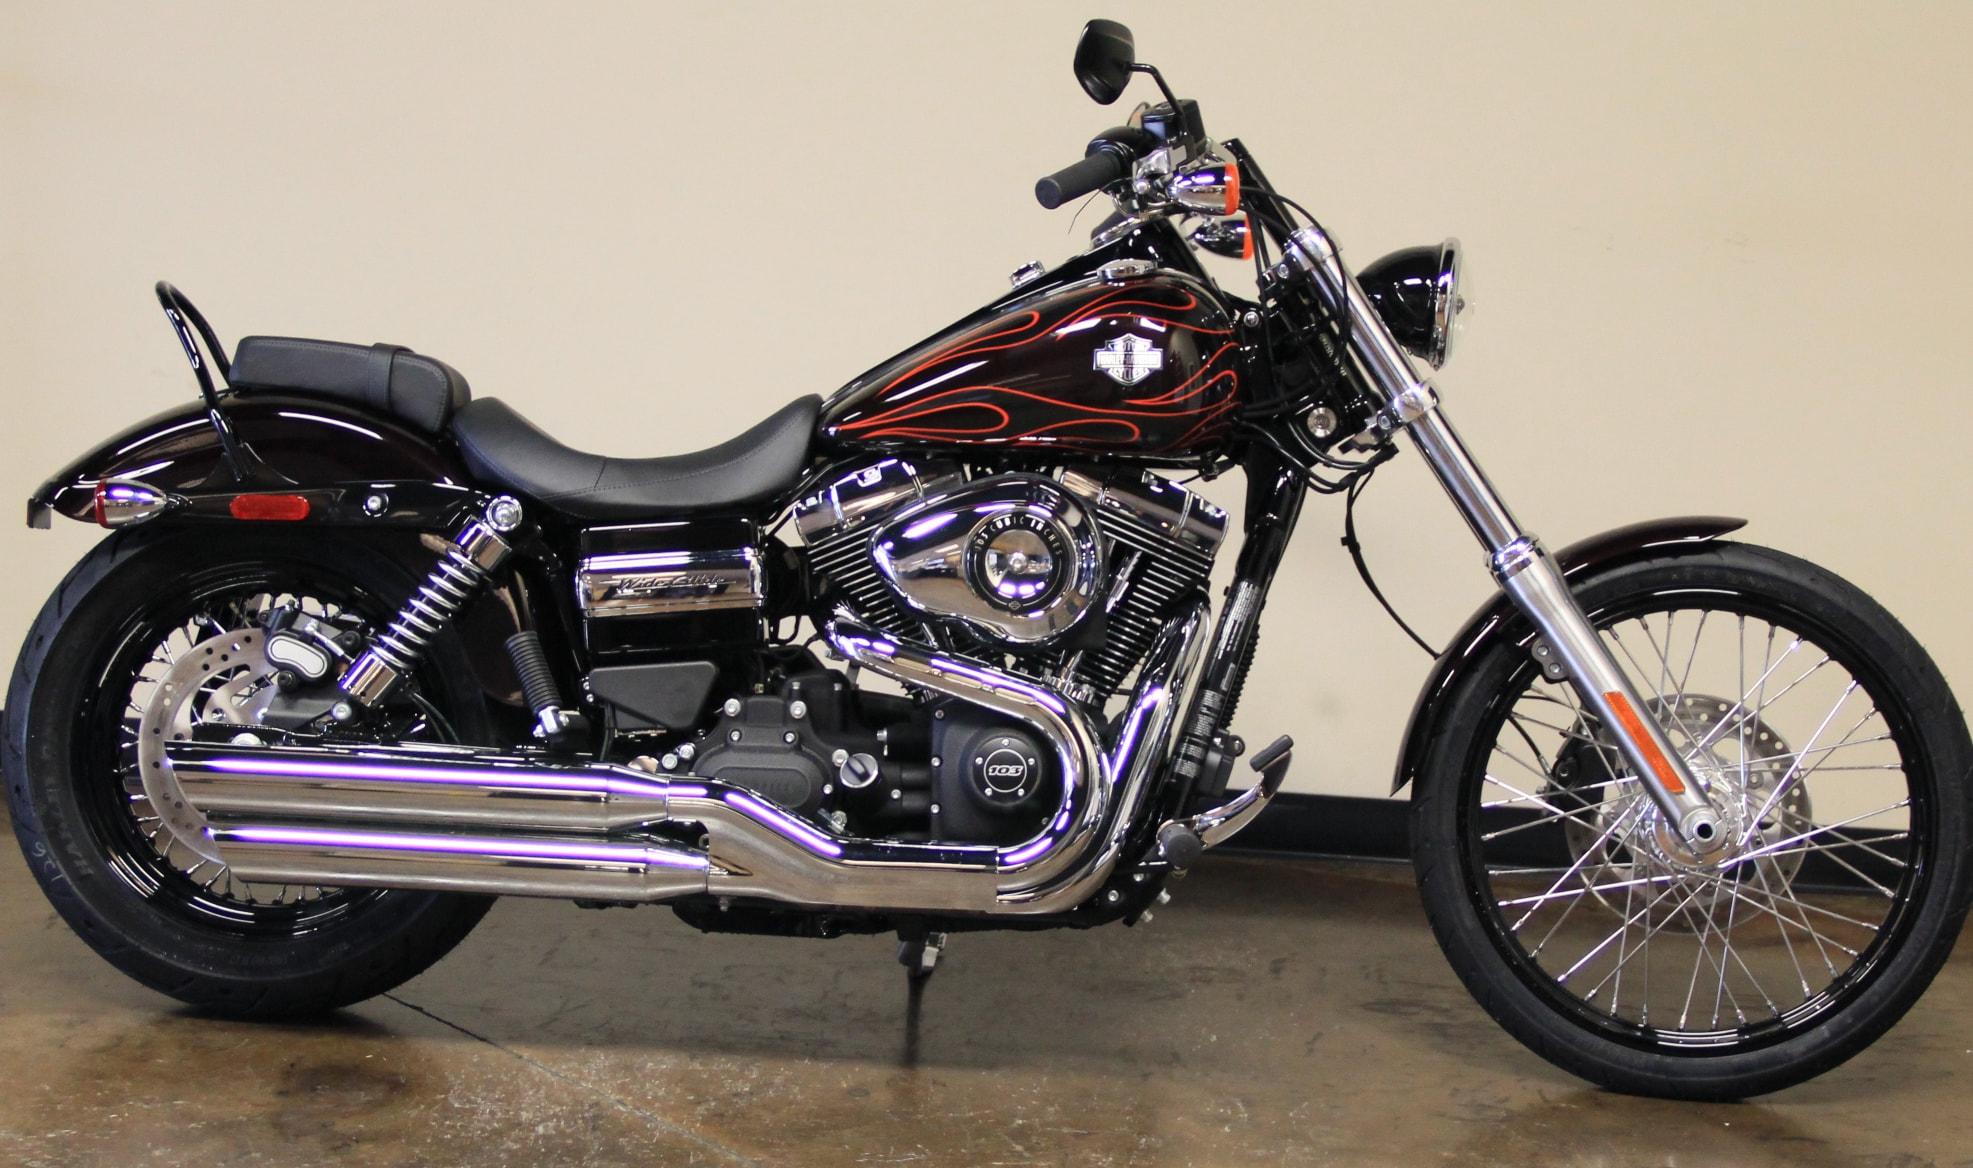 HARLEY-DAVIDSON SUPER GLIDE Bikes for Sale | Used ...